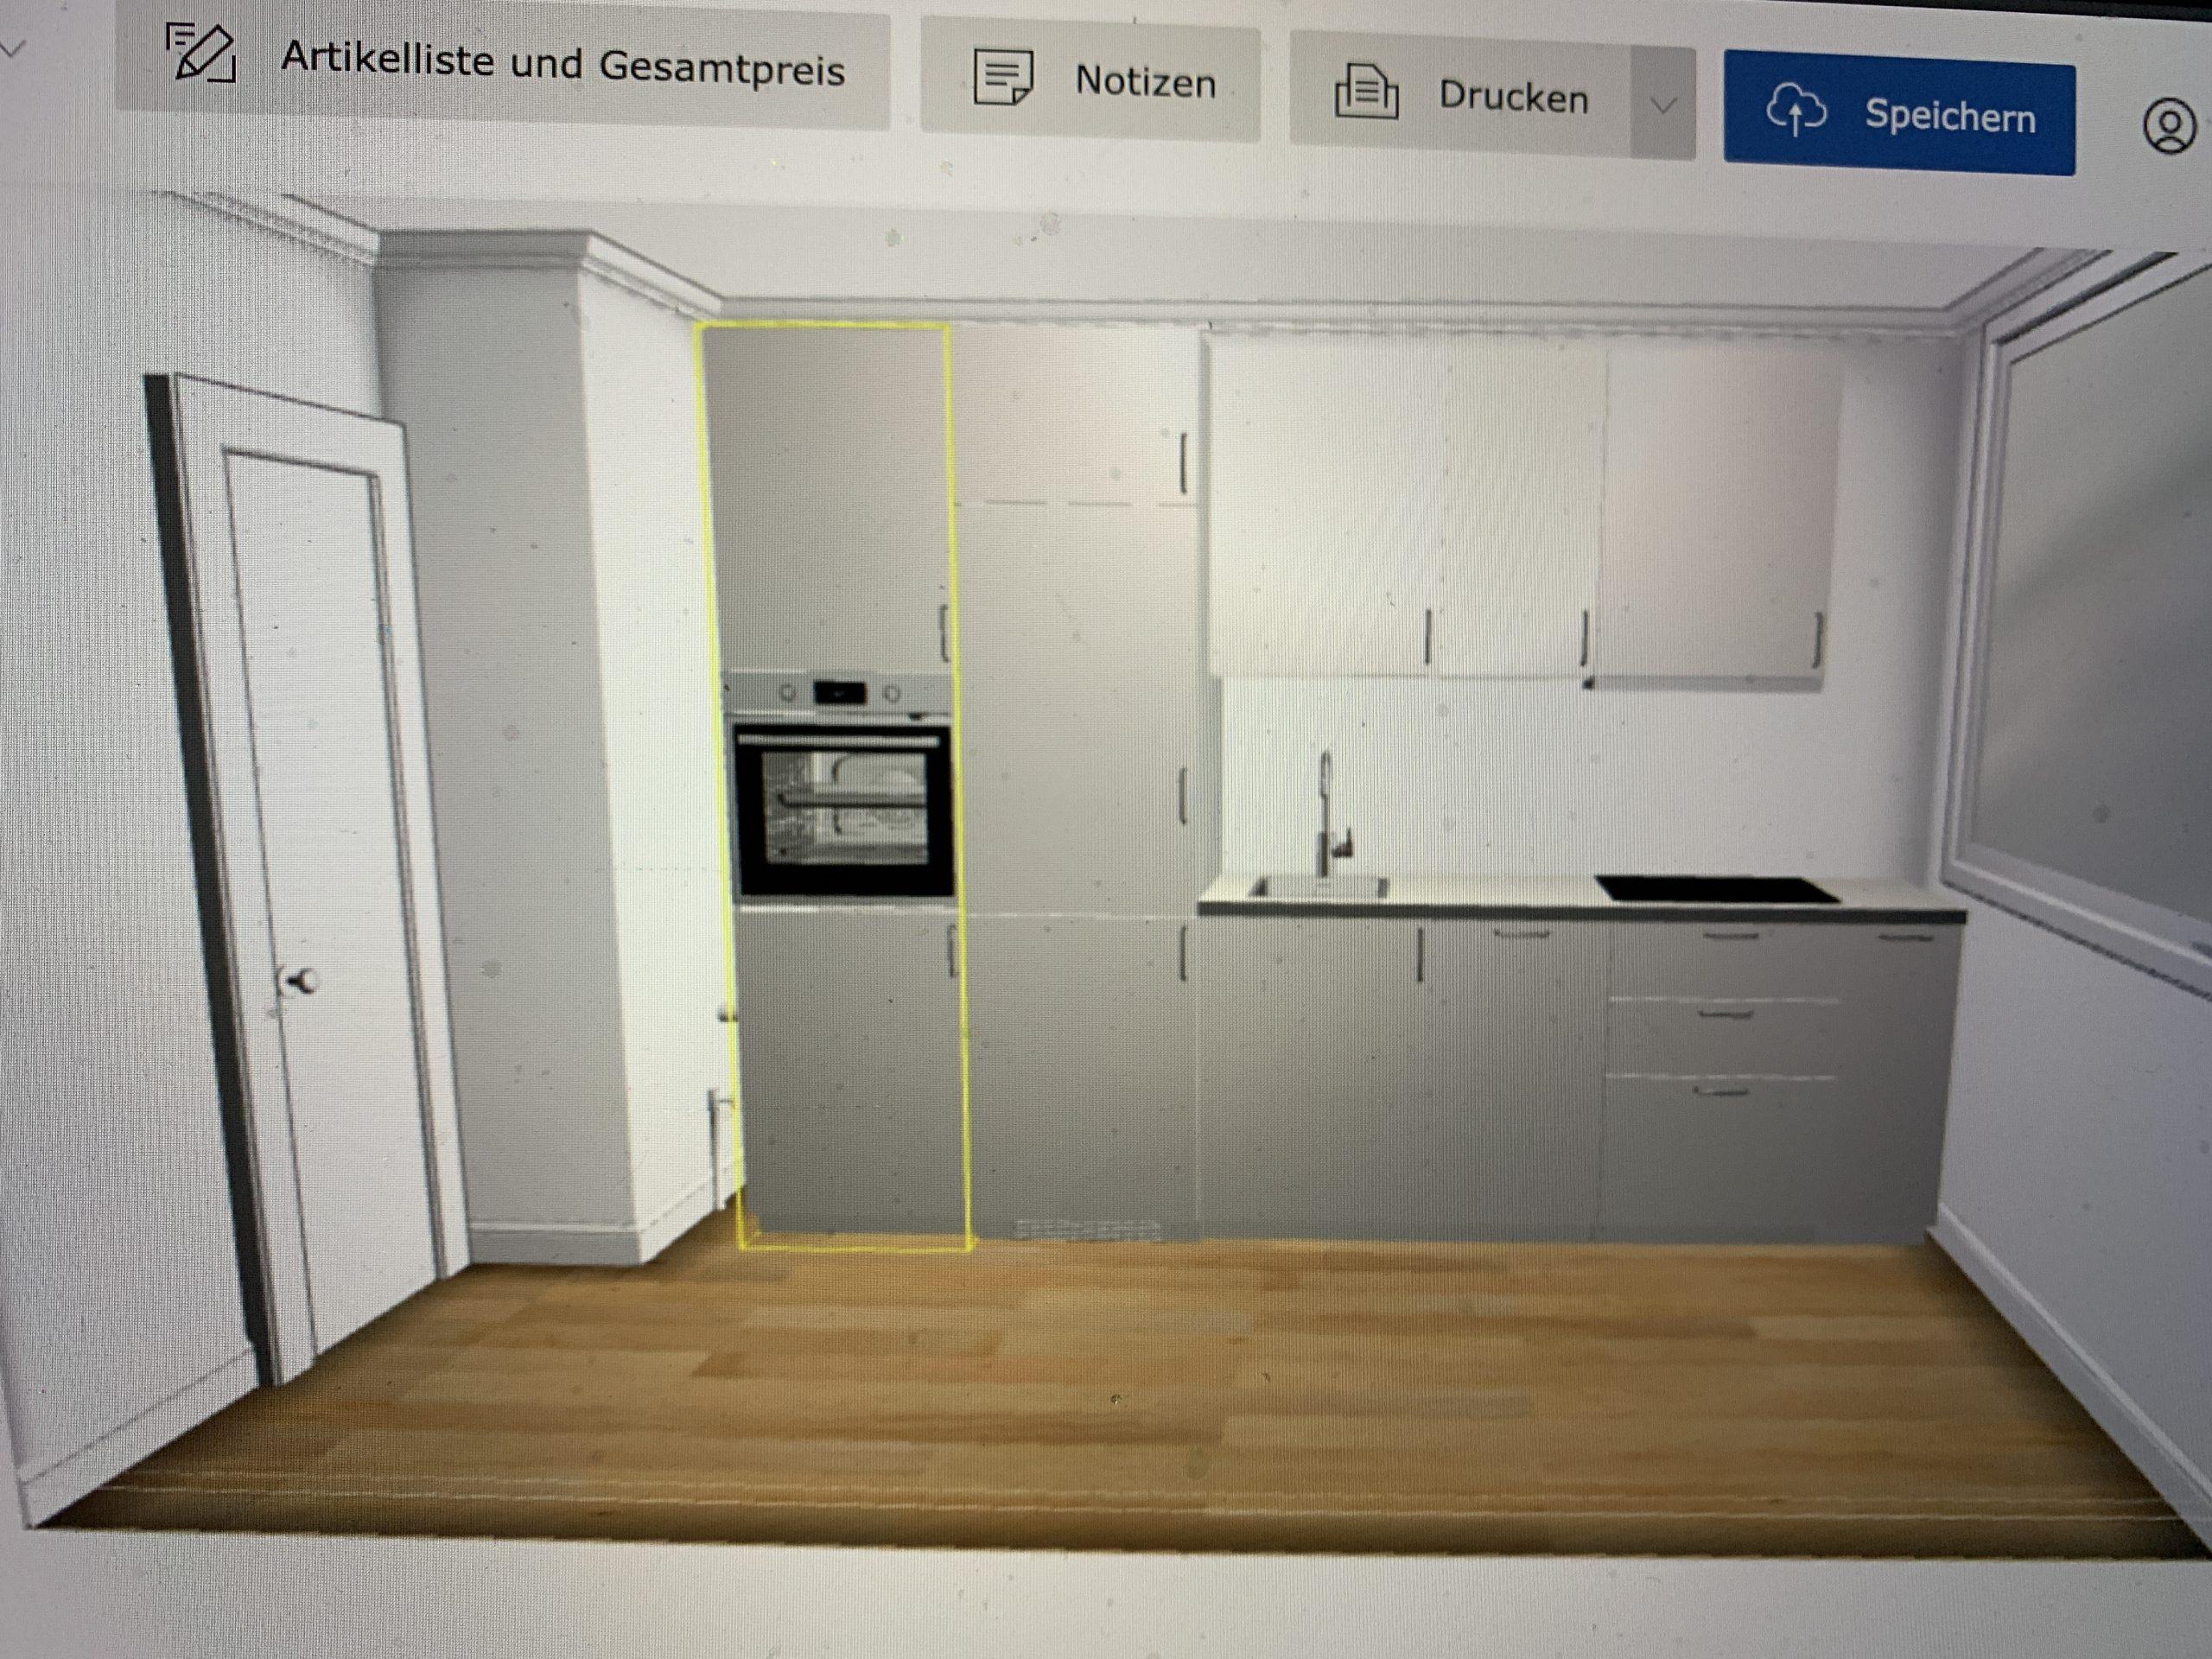 Full Size of Kuchenschrank Schmal Ikea Caseconradcom Schrankküche Miniküche Modulküche Küche Kosten Sofa Mit Schlaffunktion Betten Bei 160x200 Kaufen Wohnzimmer Schrankküche Ikea